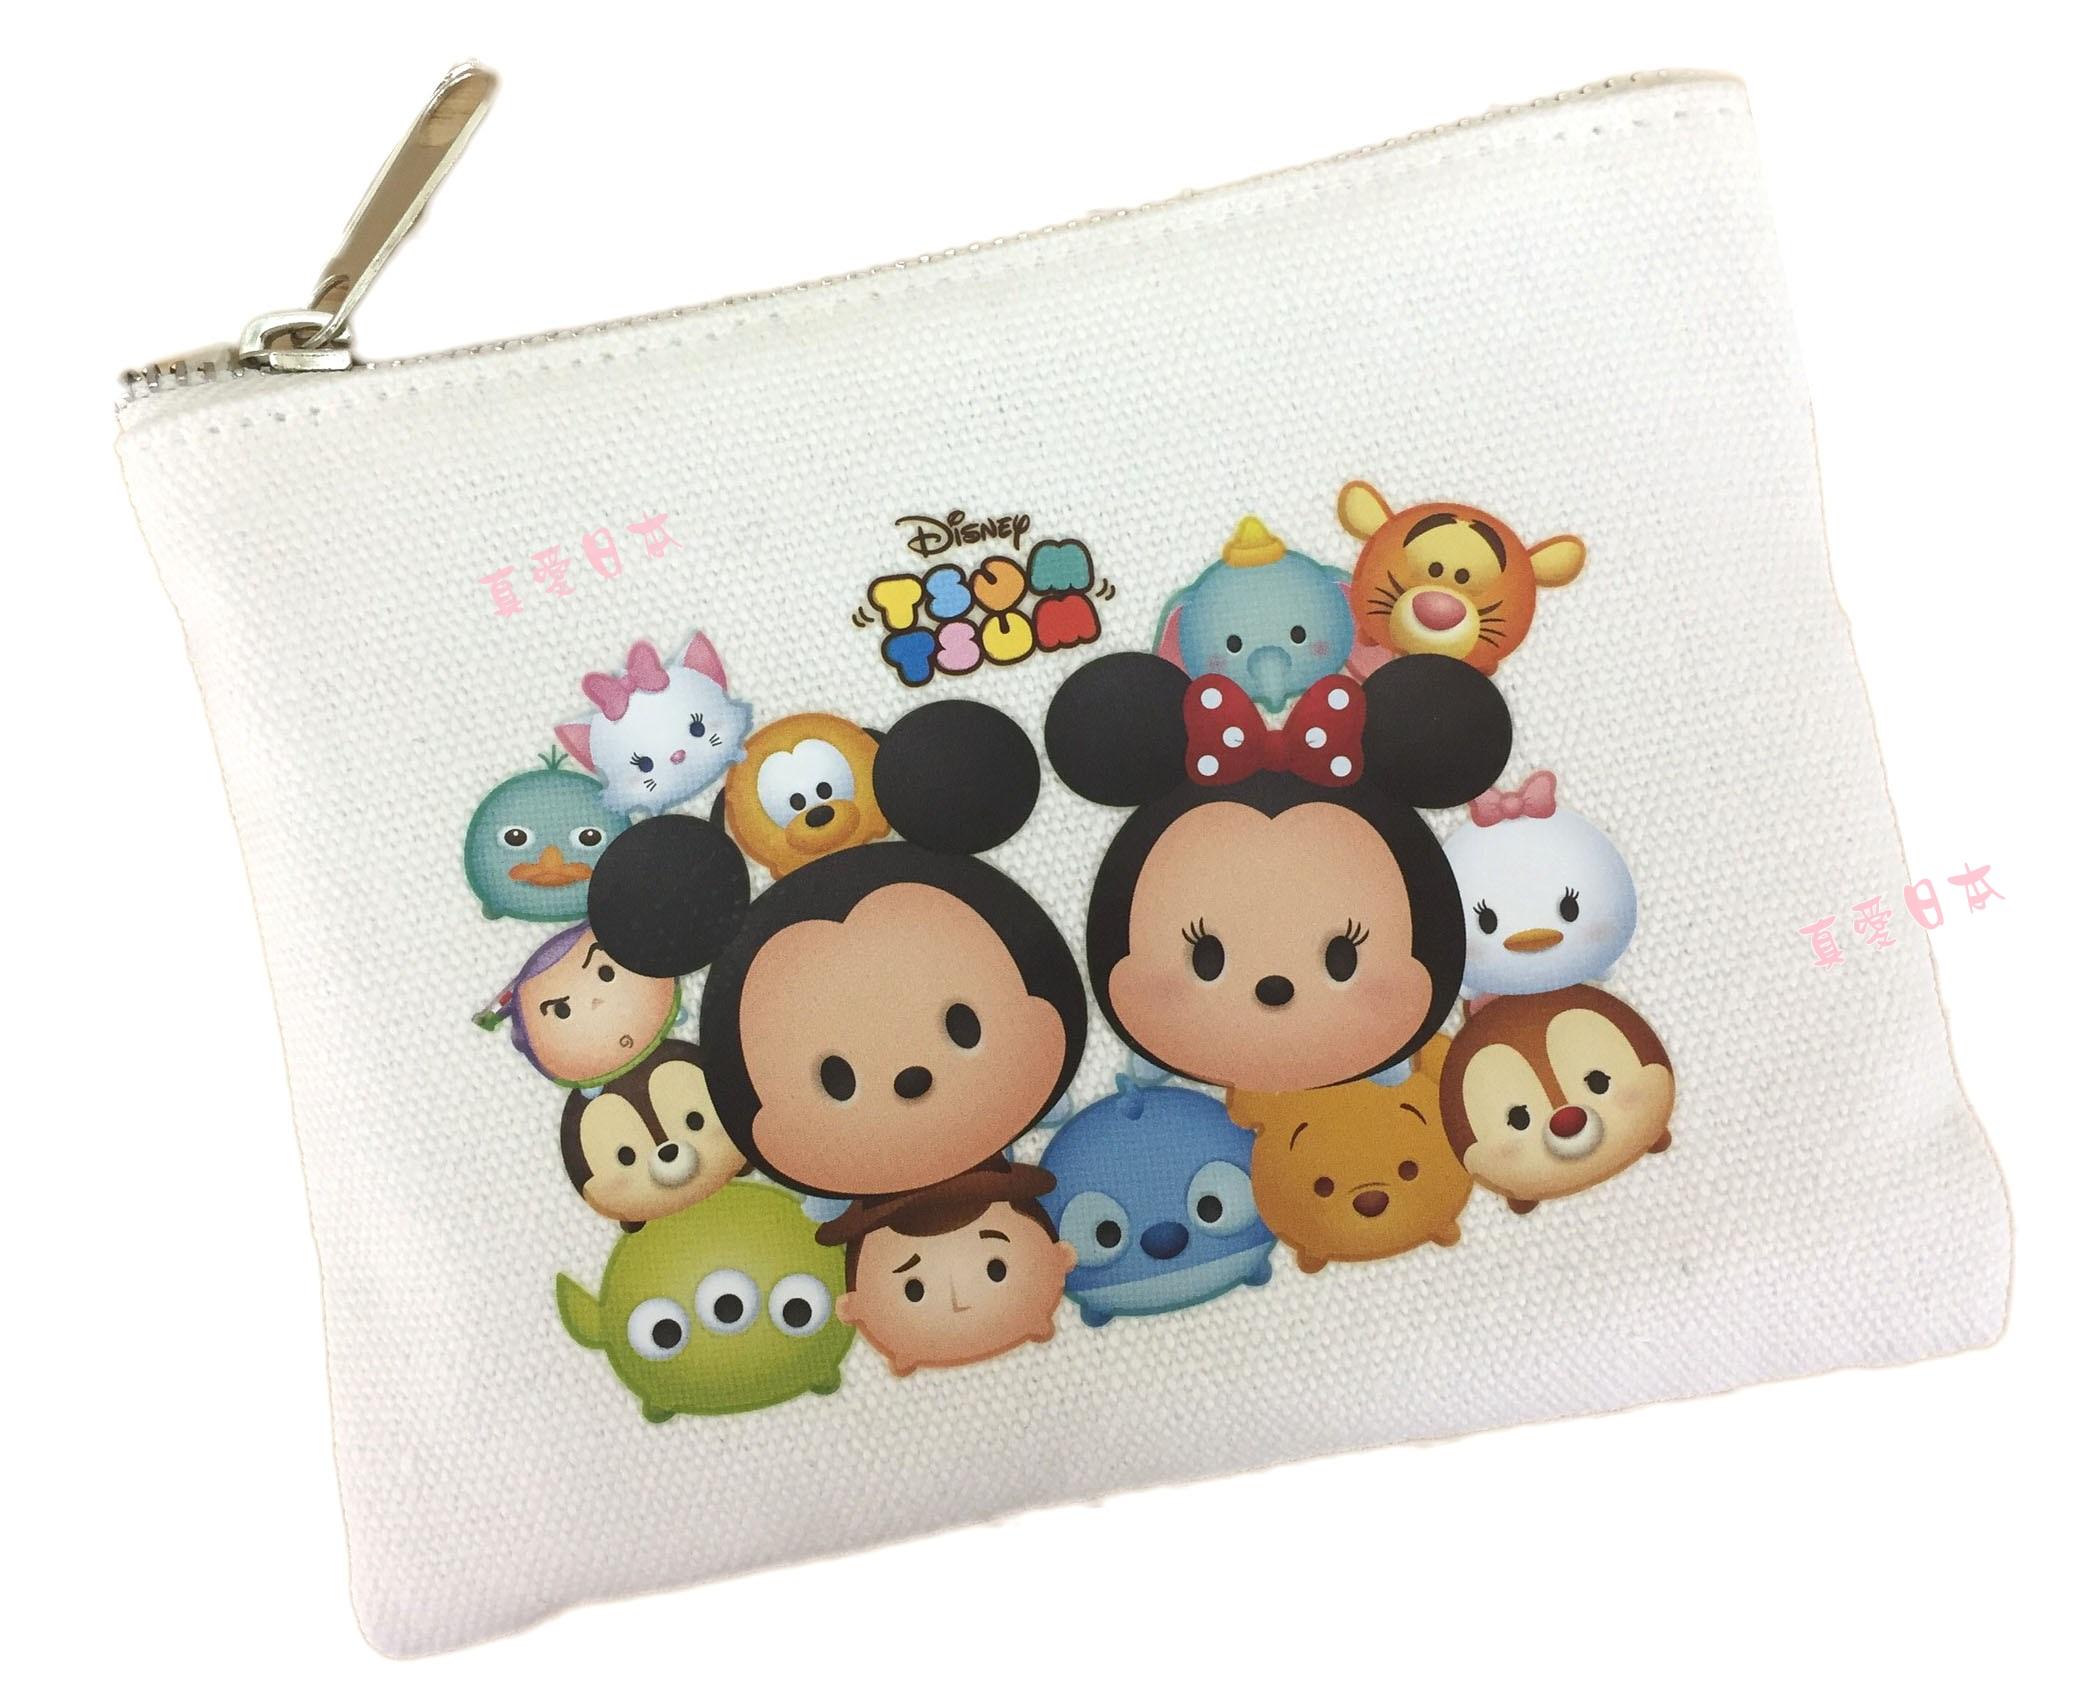 【真愛日本】16072200017茲姆茲姆帆布零錢包    迪士尼  零錢包  收納袋